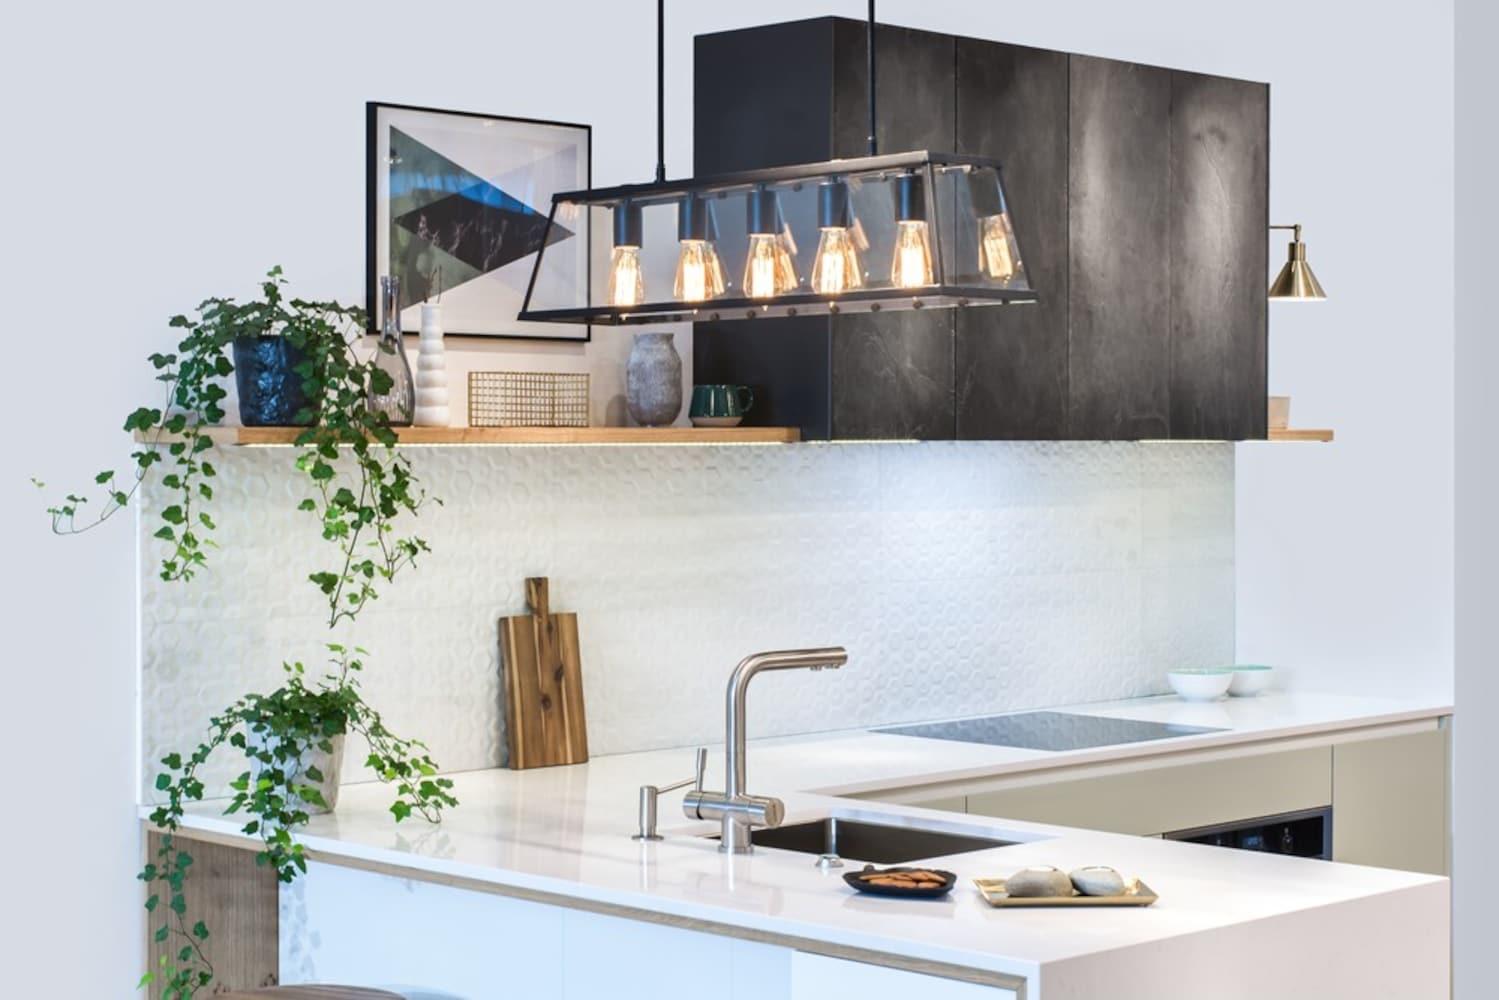 種類3|対面キッチンや壁型キッチンをおしゃれにする「ペンダントライト」